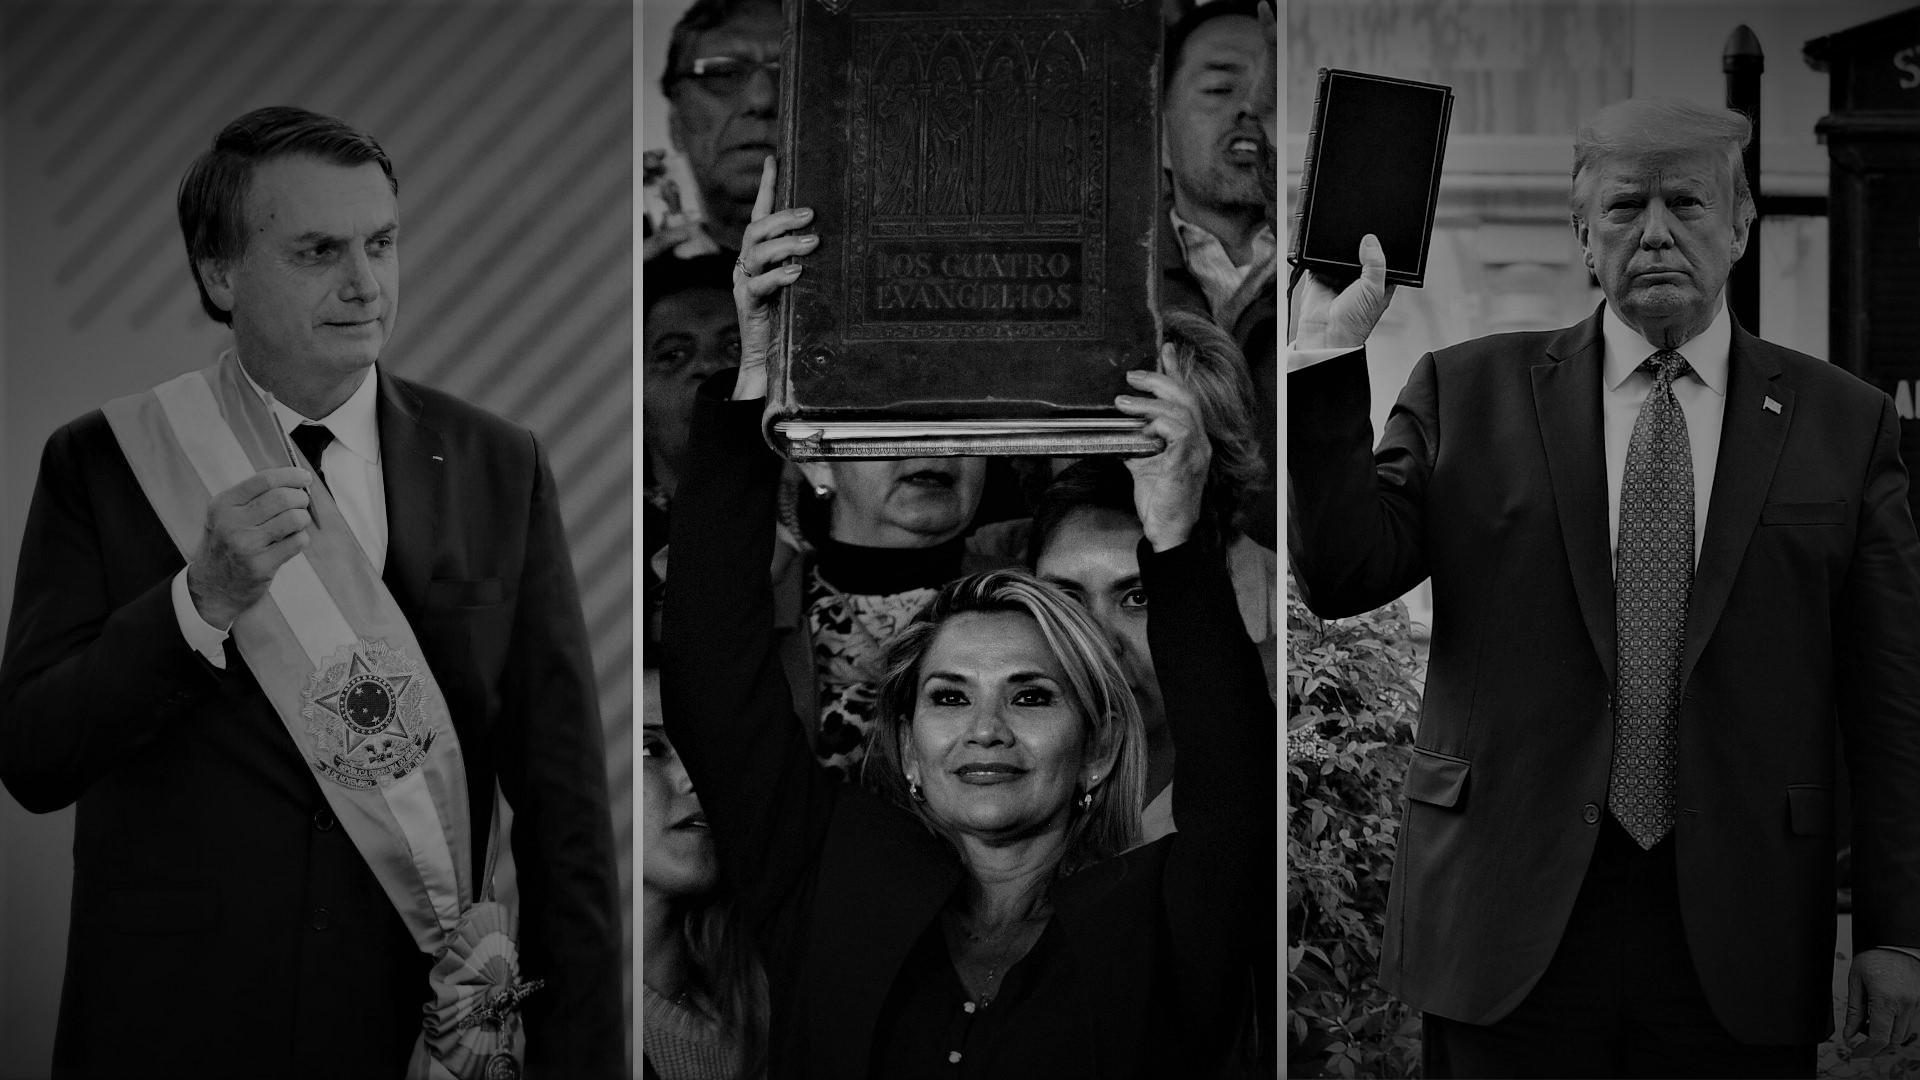 ¿El 'poder evangélico' es un peligro para América Latina?